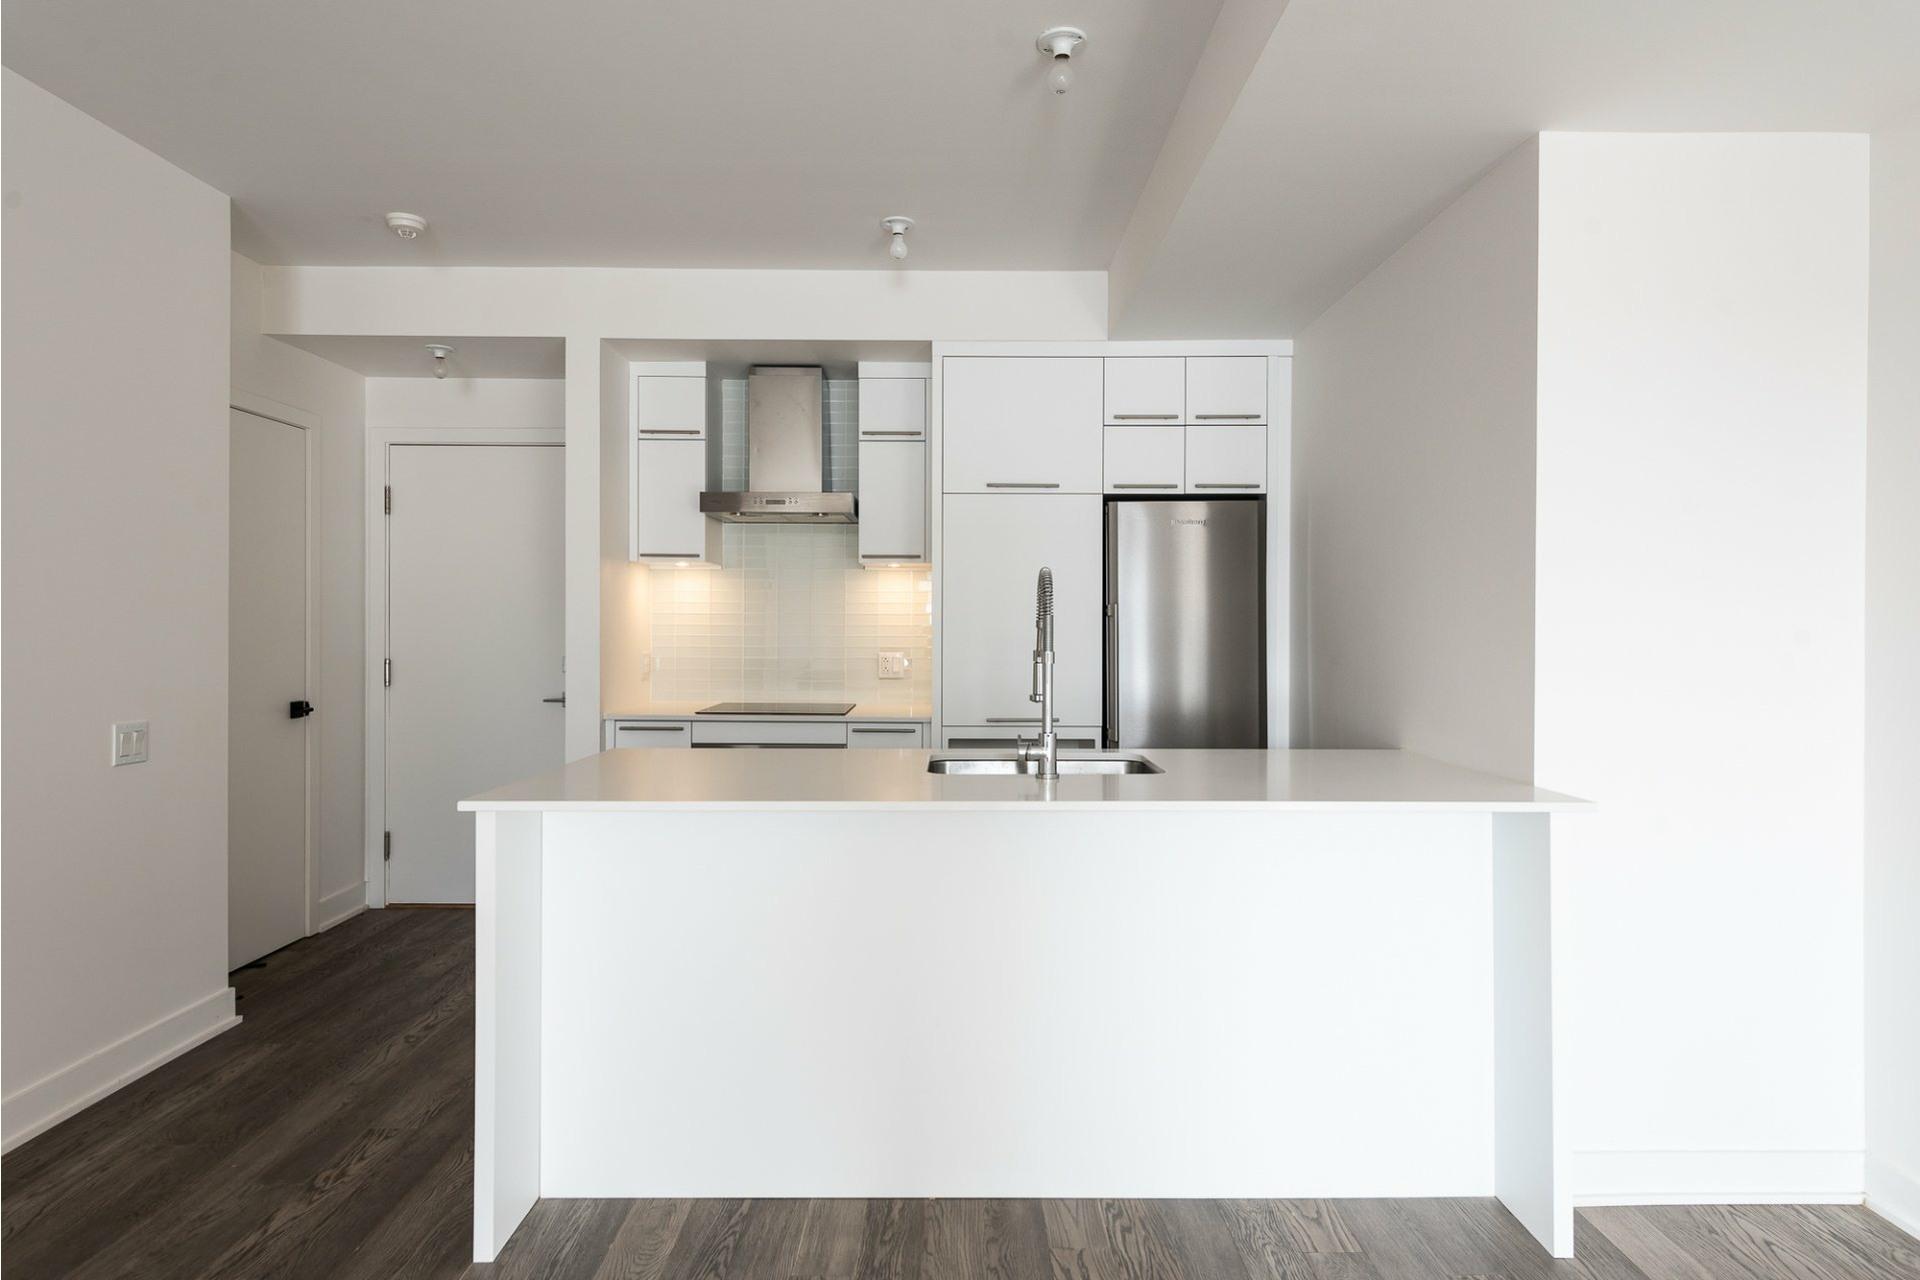 image 3 - Apartment For rent Villeray/Saint-Michel/Parc-Extension Montréal  - 5 rooms